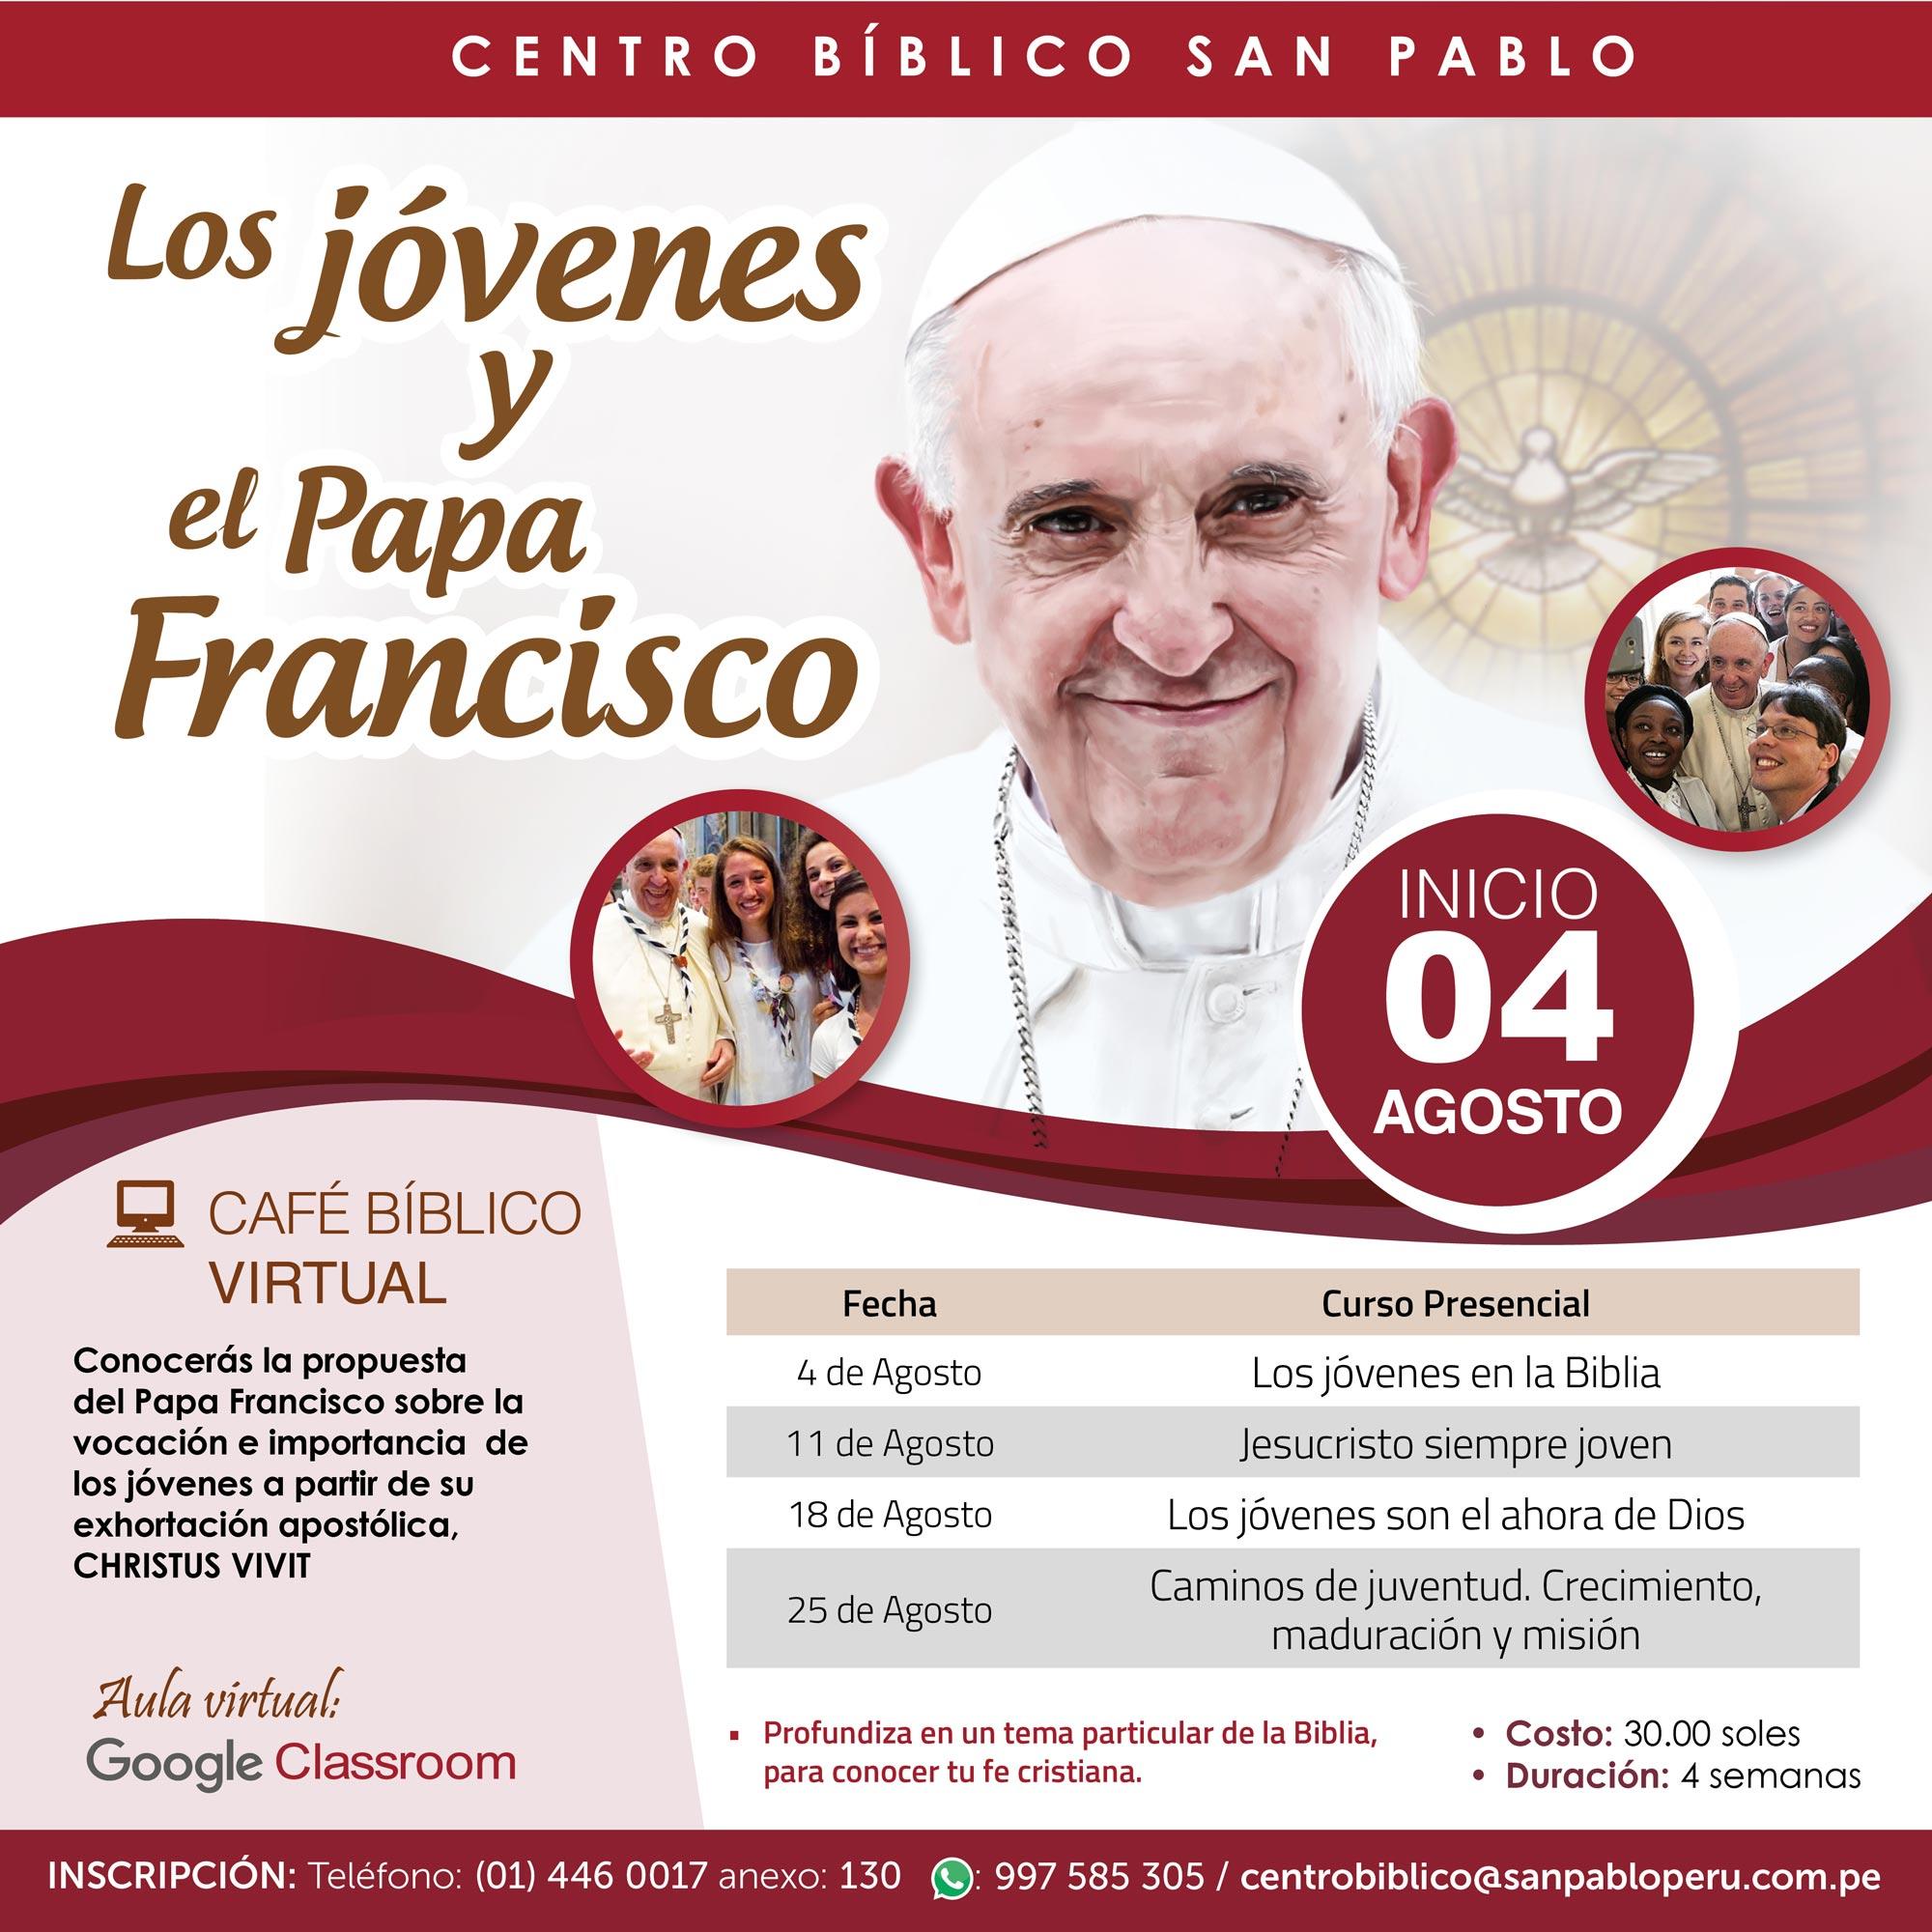 Los jóvenes y el Papa Francisco